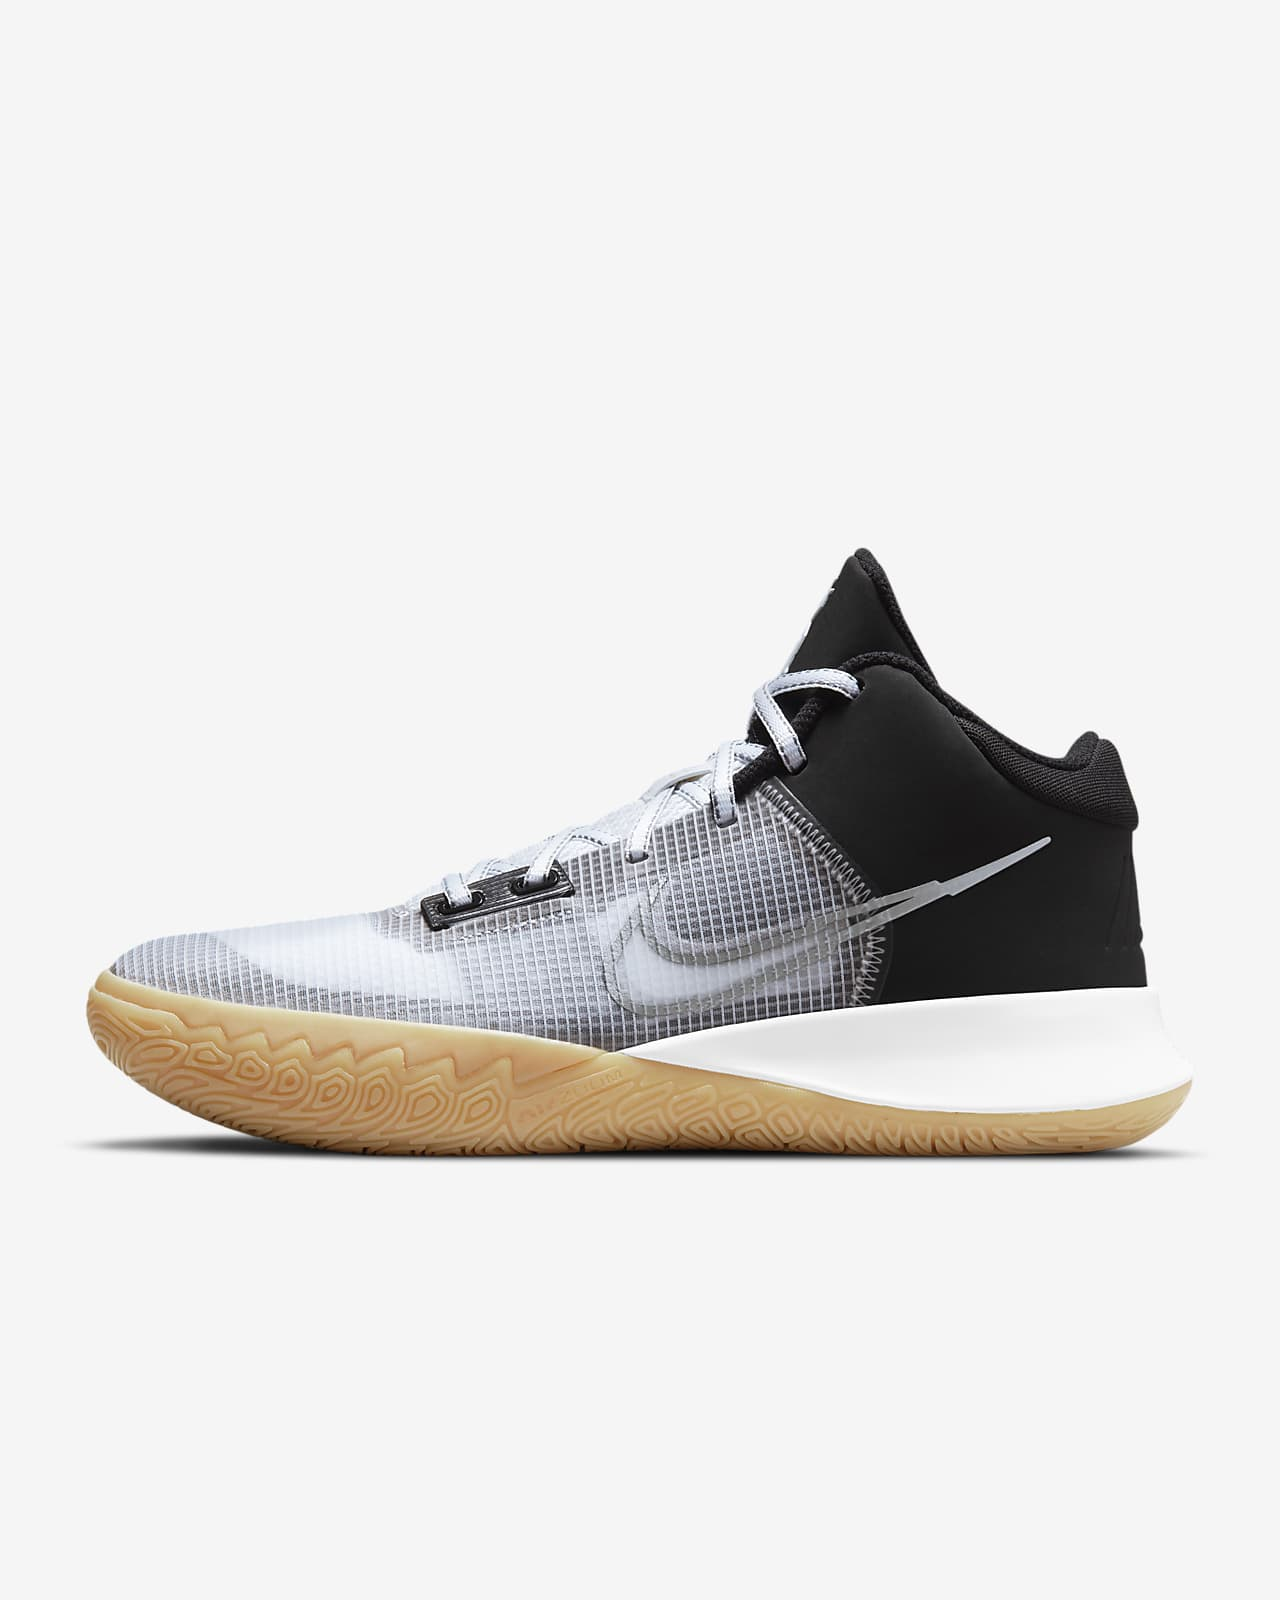 Chaussure de basketball Kyrie Flytrap 4